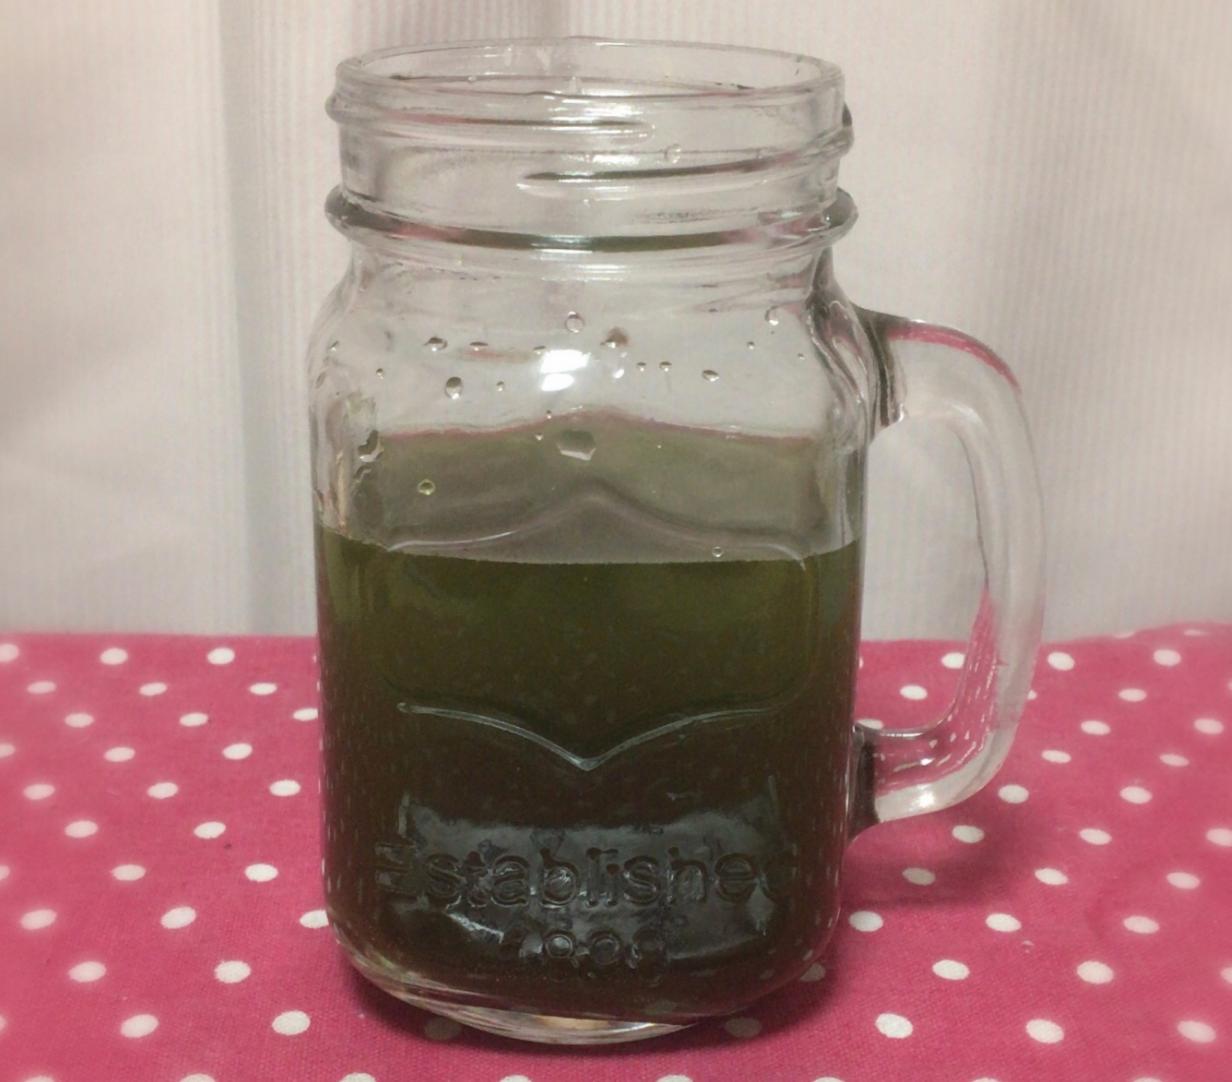 Mình rất hợp bột aojiru của Orihiro nên uống đều luôn. Chả bao giờ bị táo bón cả